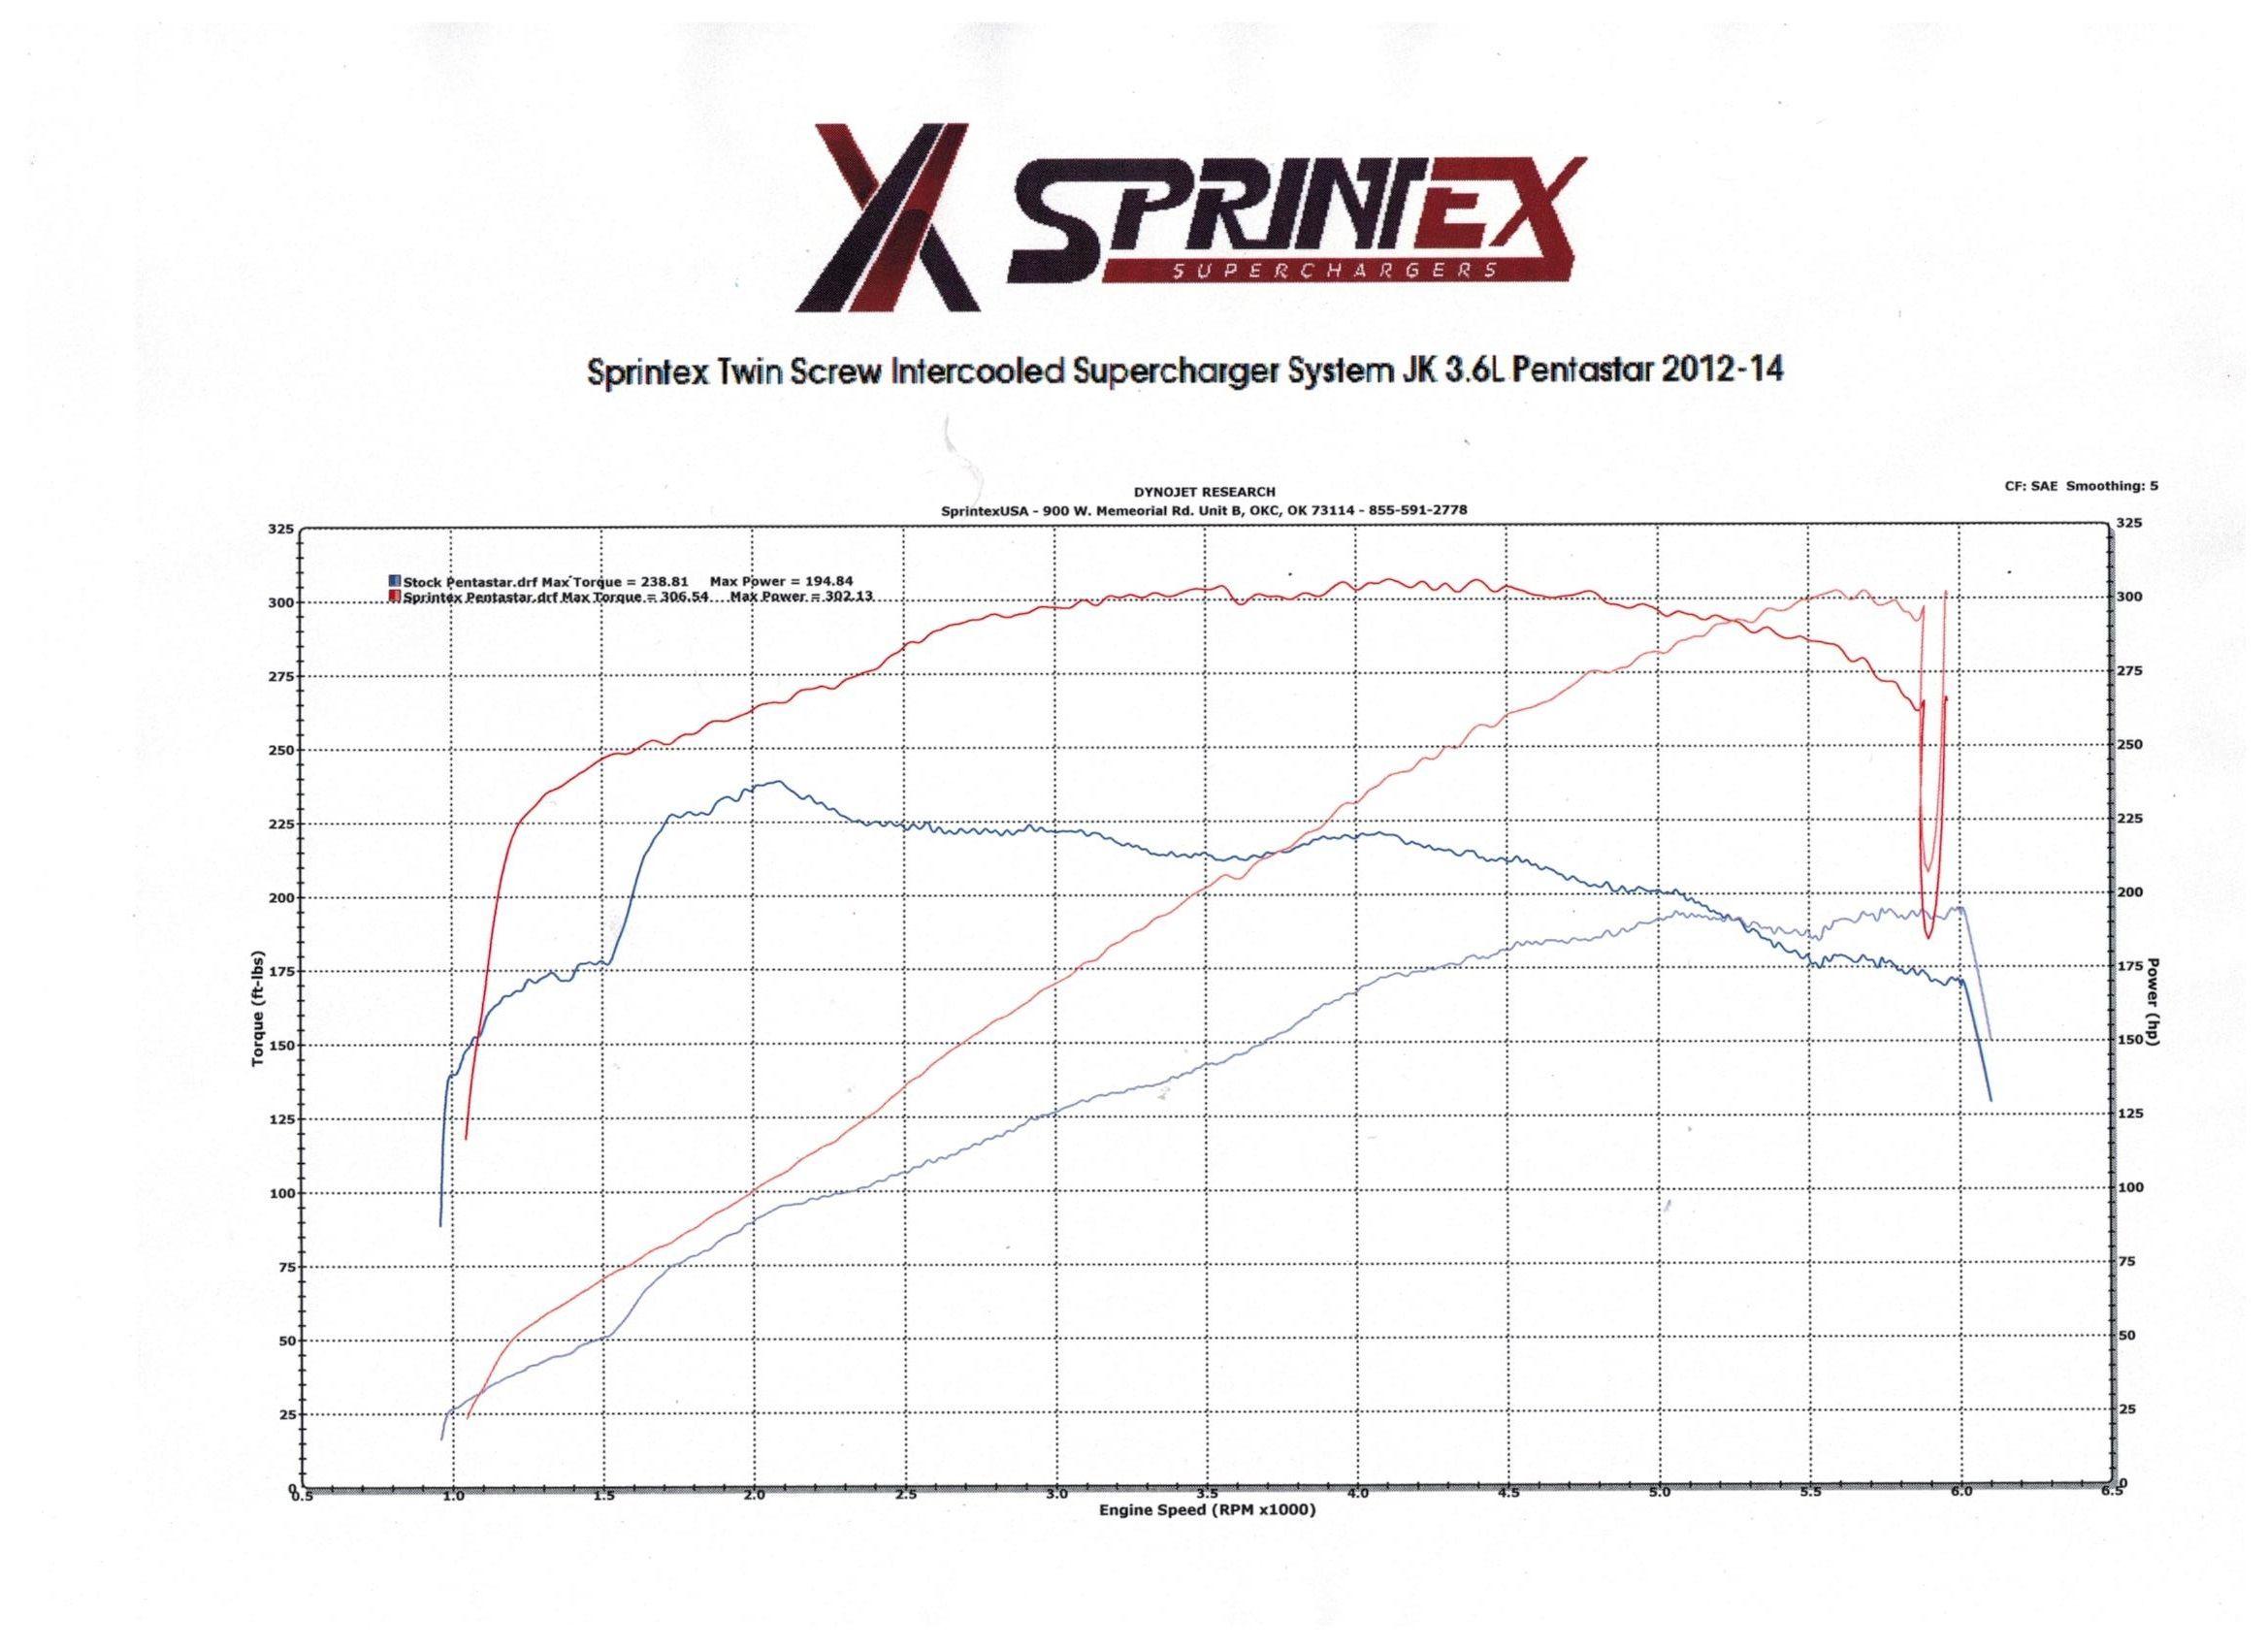 6cc0e85d00904ced7922f3b2a599001e everstart battery charger wiring diagram turcolea com everstart battery charger wiring diagram at fashall.co